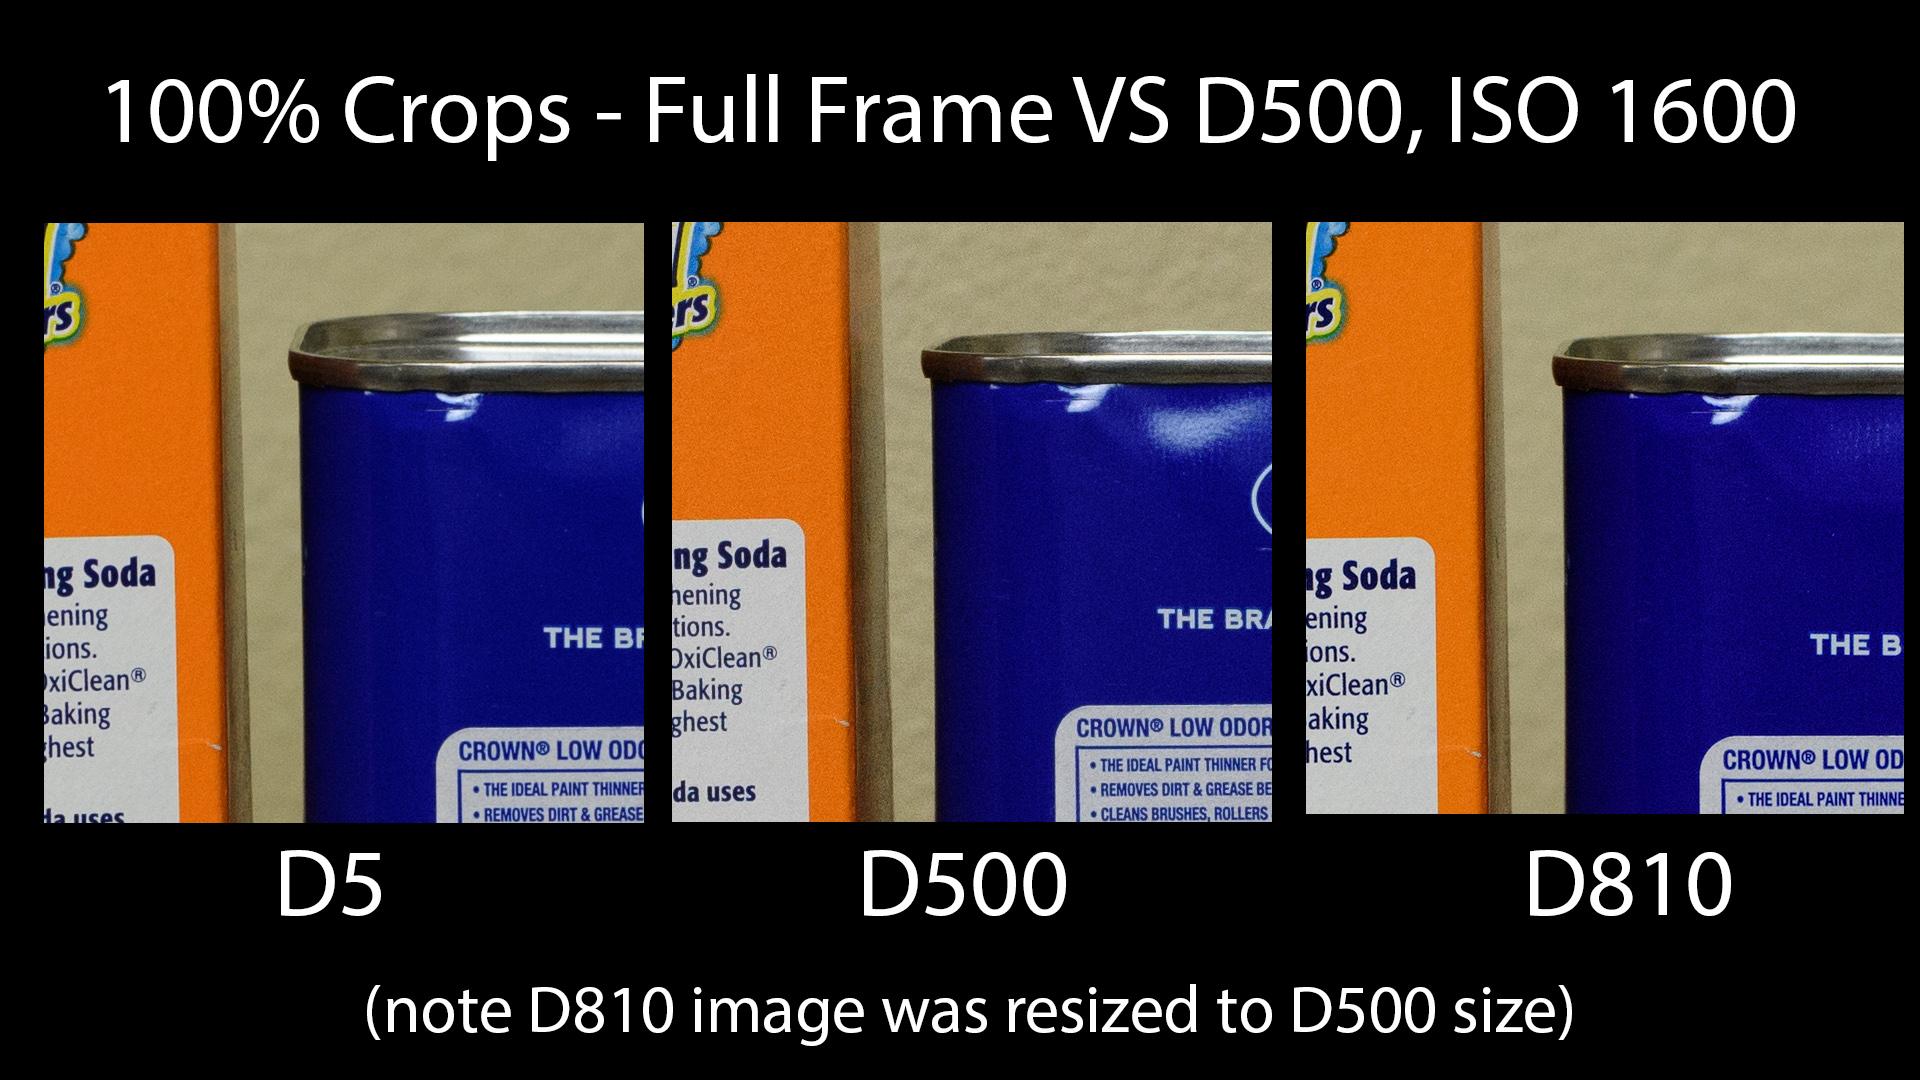 D500 vs FX Cameras ISO 1600